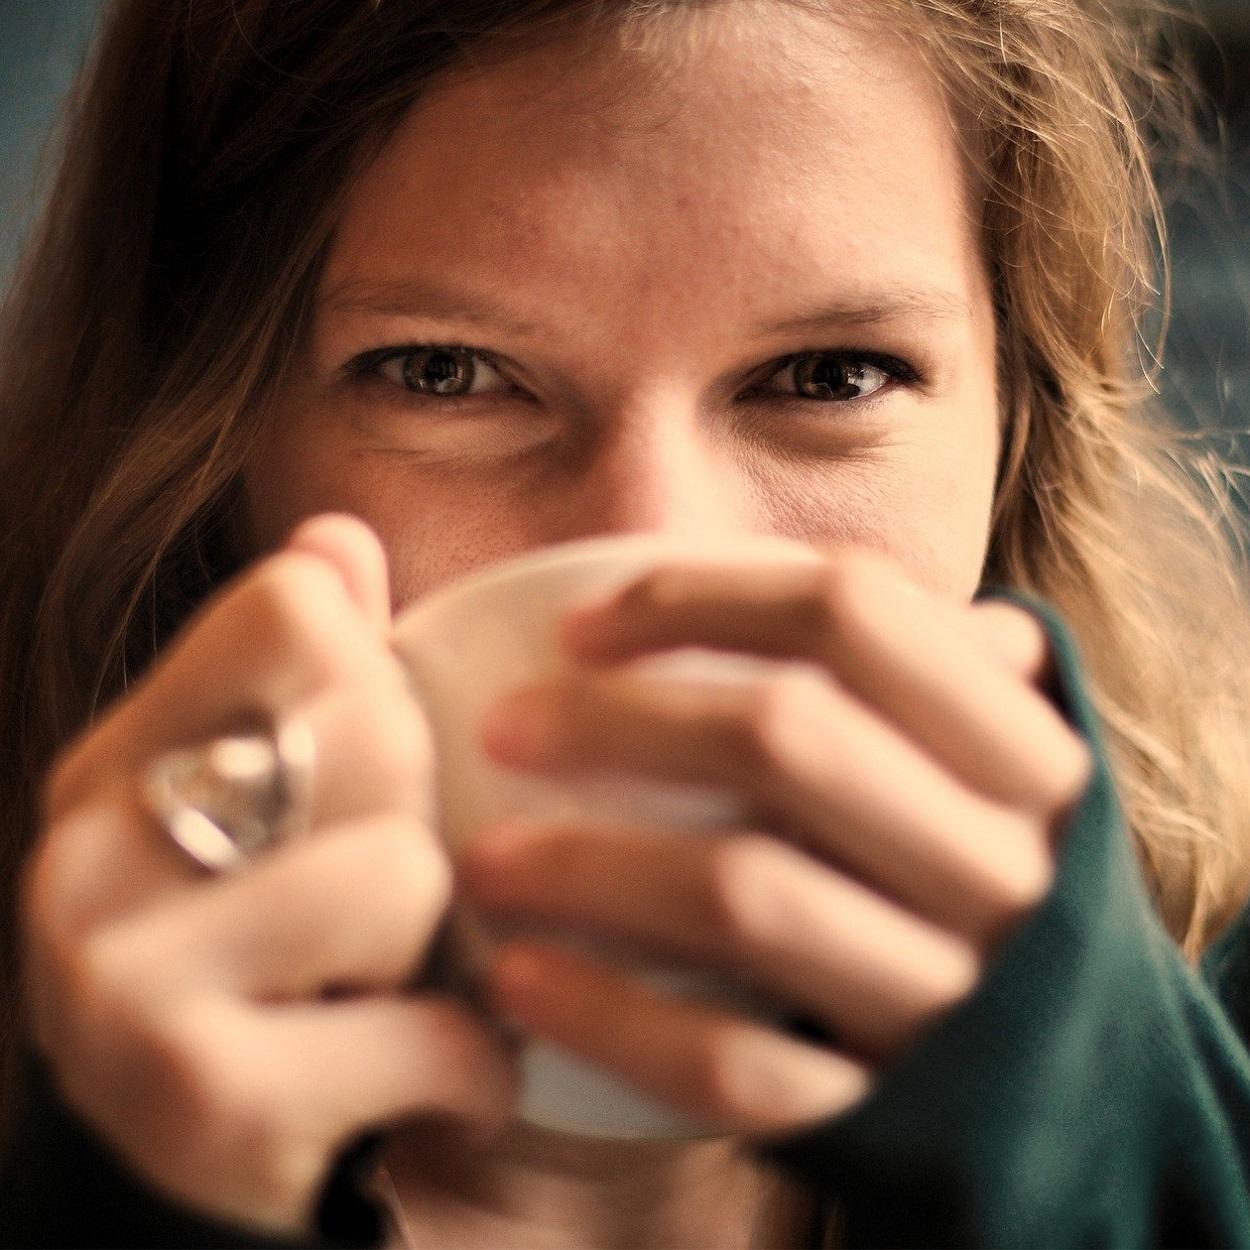 Chá de maracujá como fazer